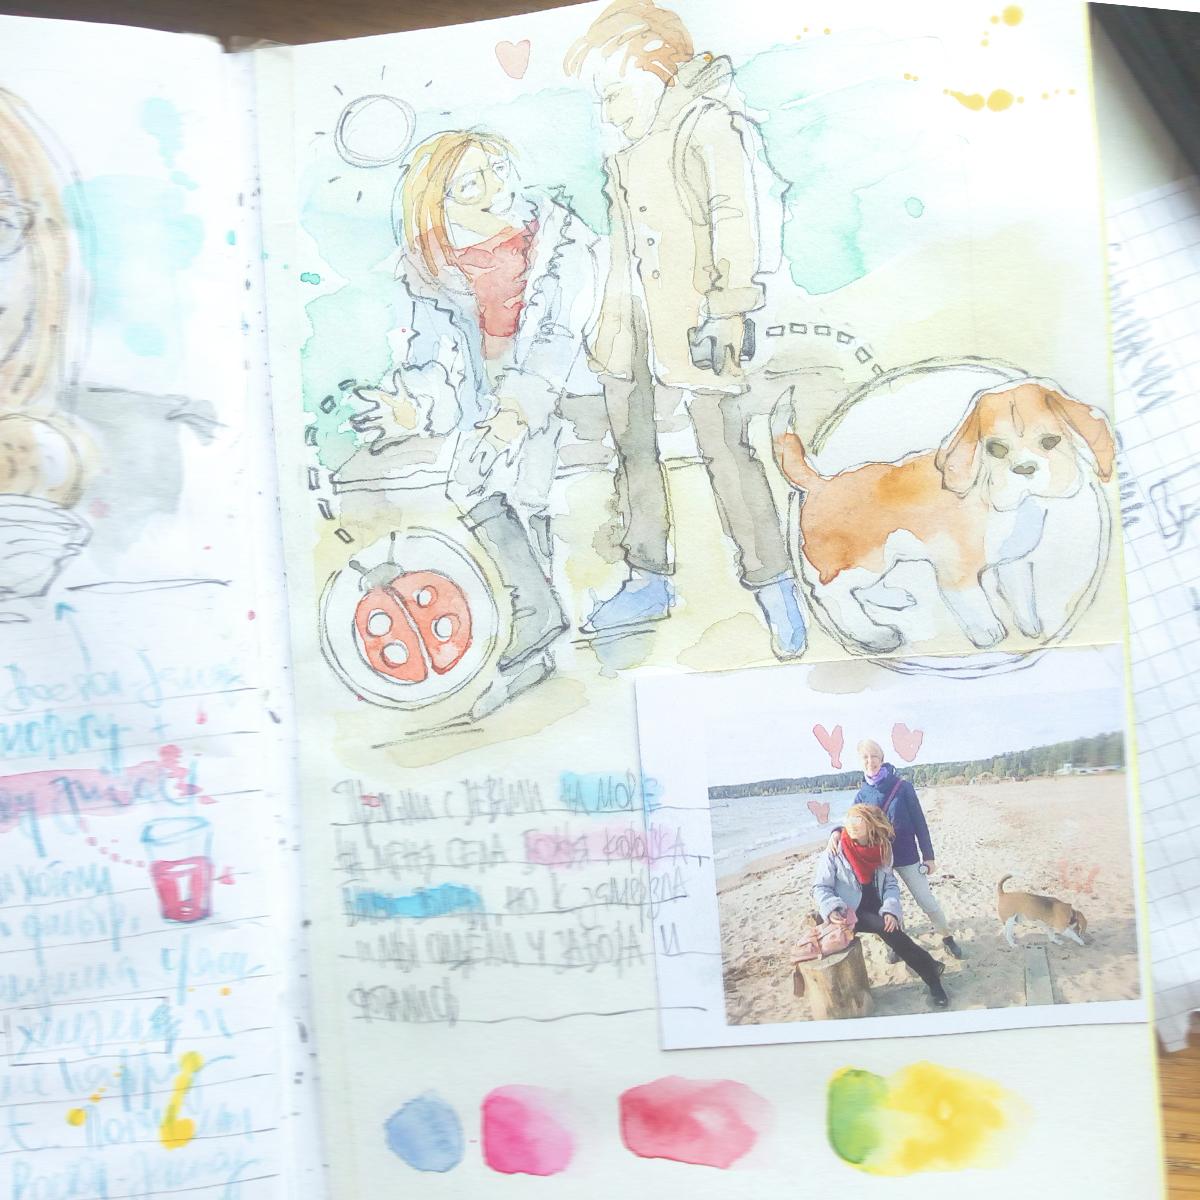 My travel sketchbook